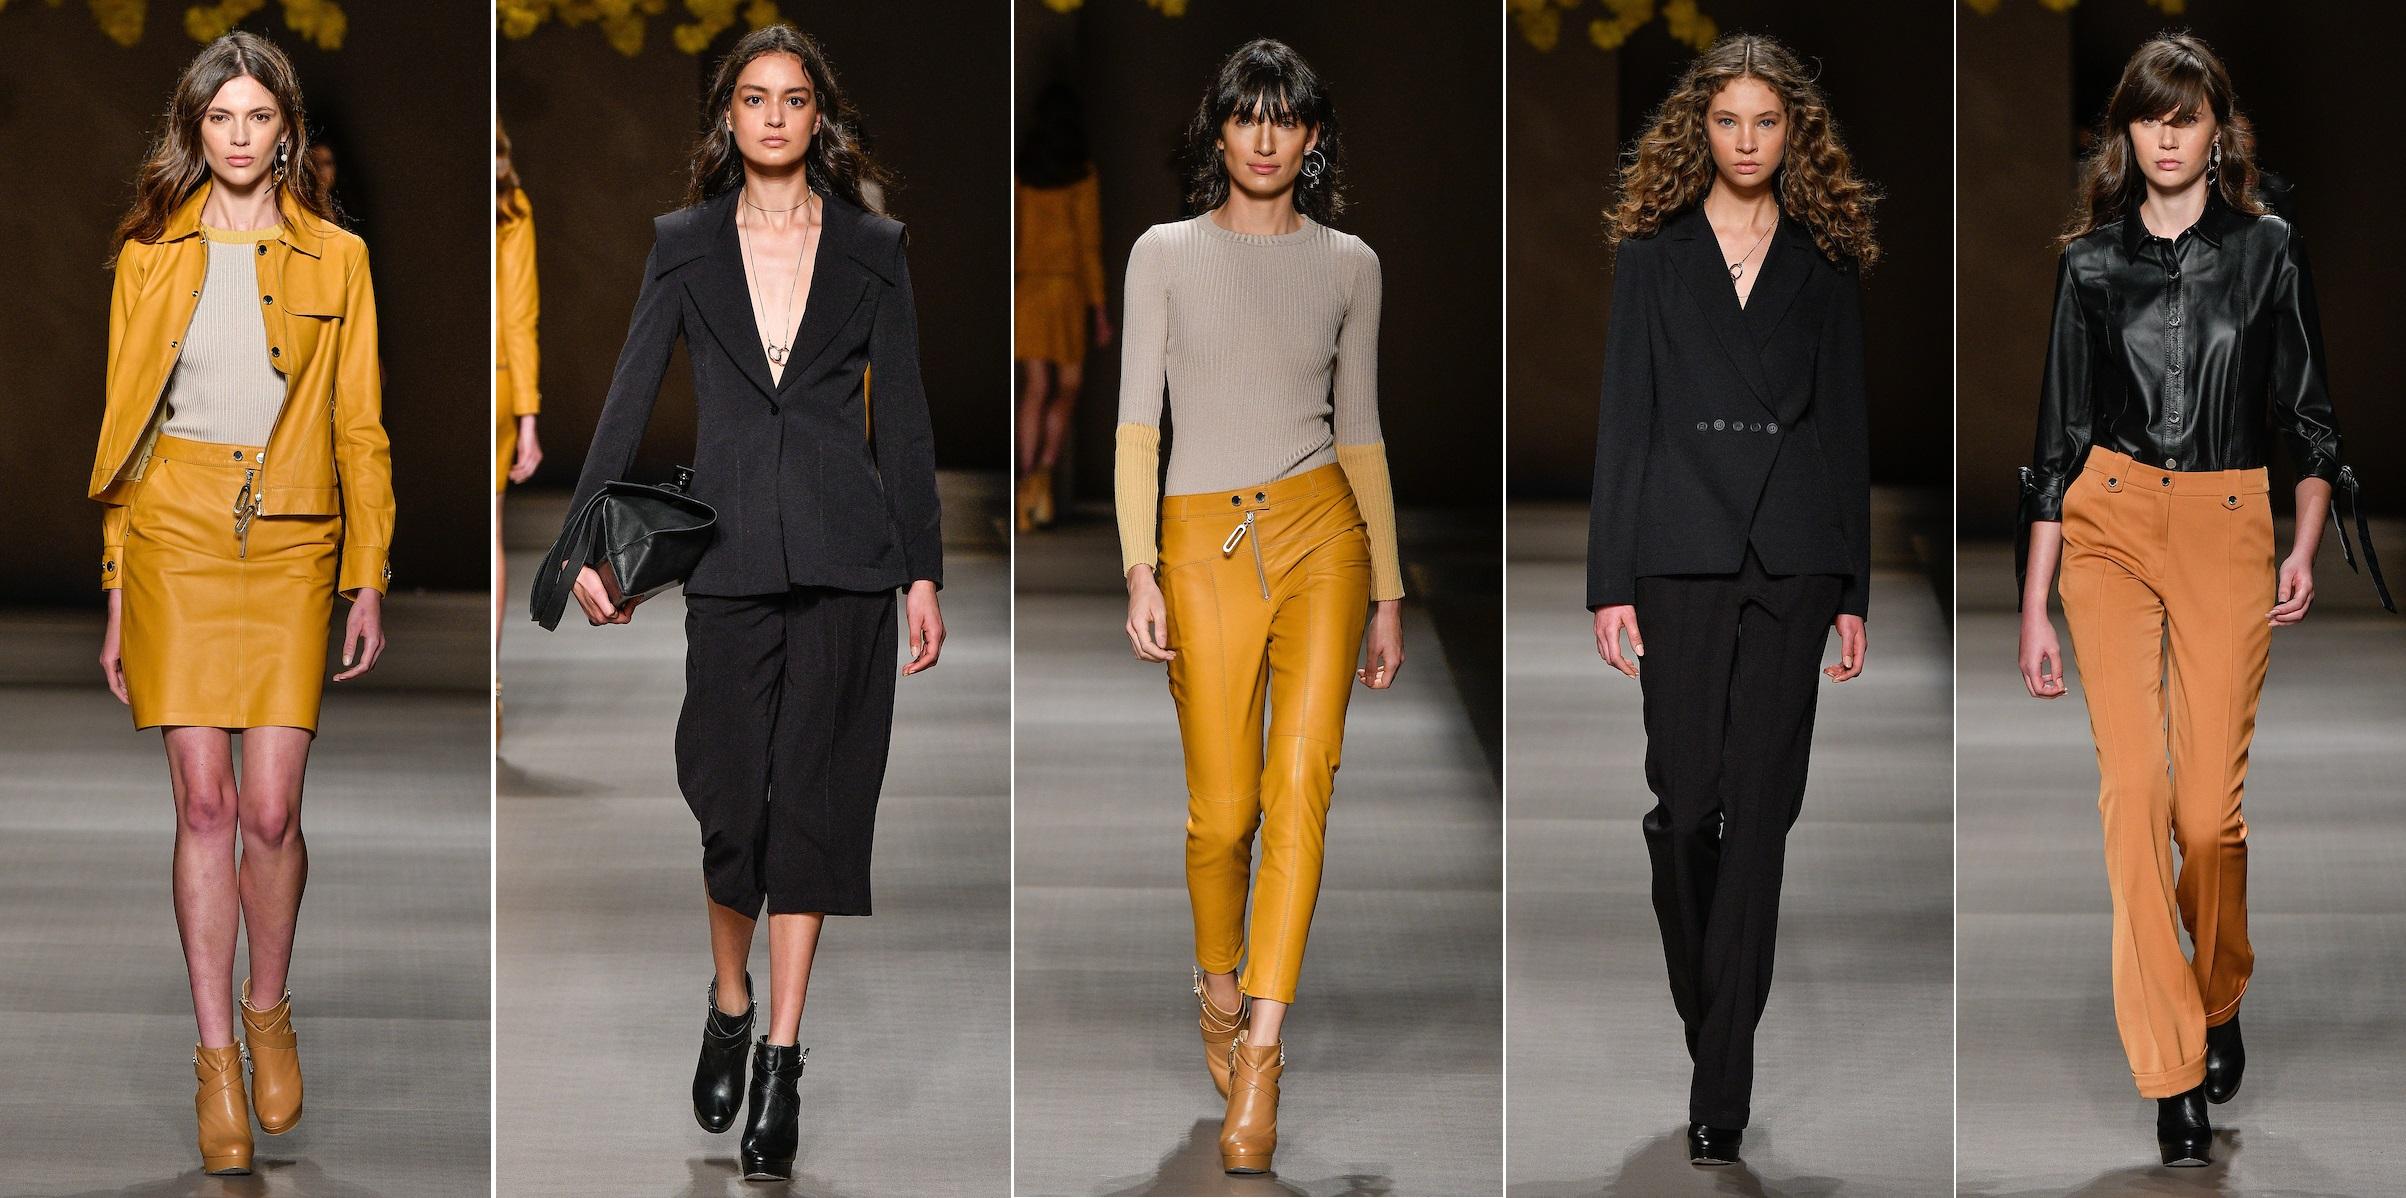 e0f987e84 O uso de couro foi bem evidente nas cores bege e preto, sendo aplicado em  calças, jaquetas, saias, e em acessórios como as botas de cano curto e as  bolsas ...